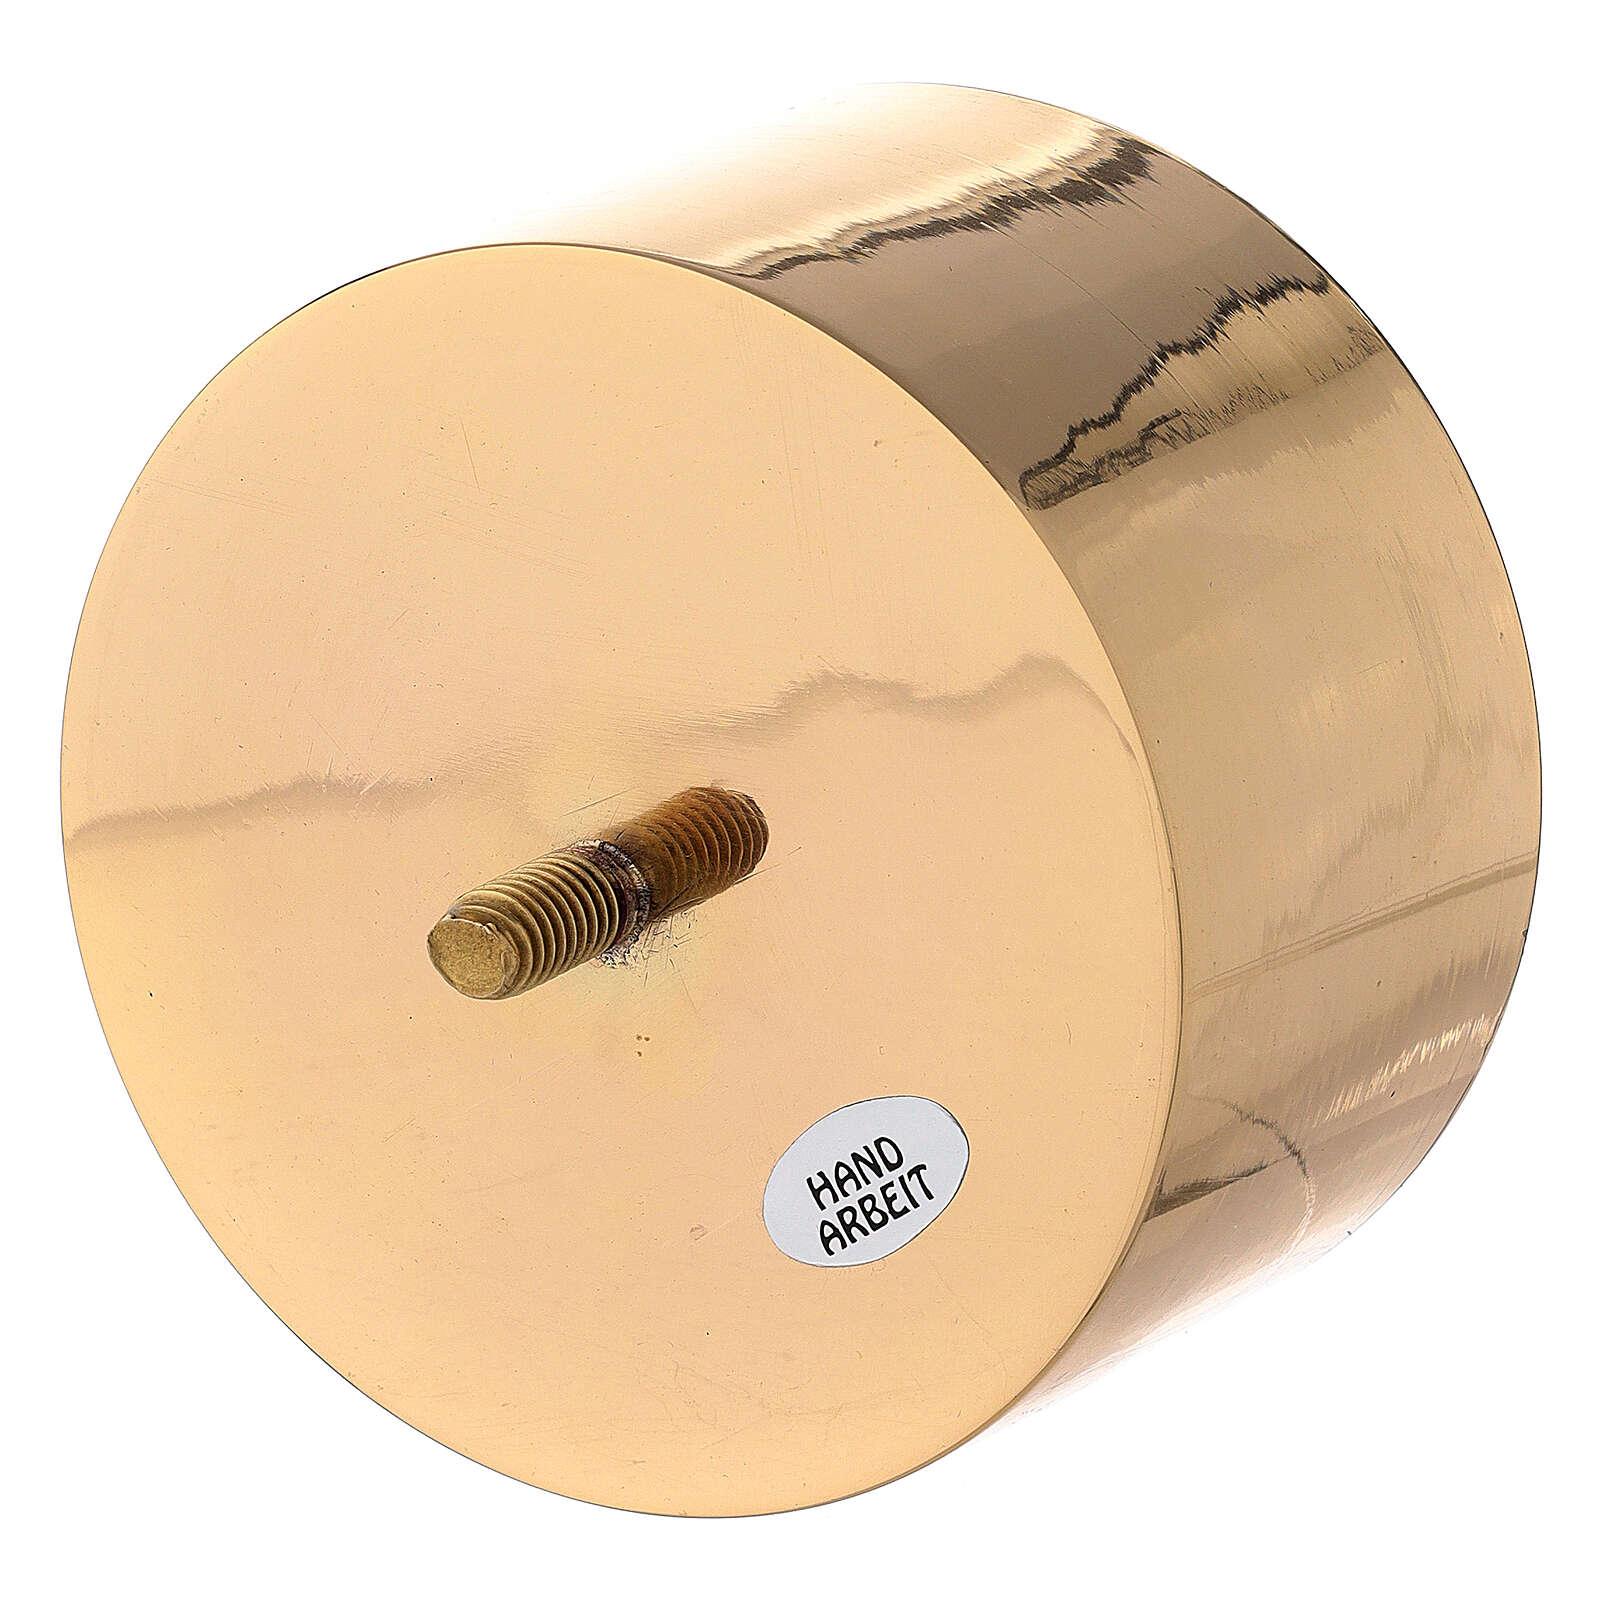 Bossolo per candeliere convertibile ottone dorato 10 cm 4